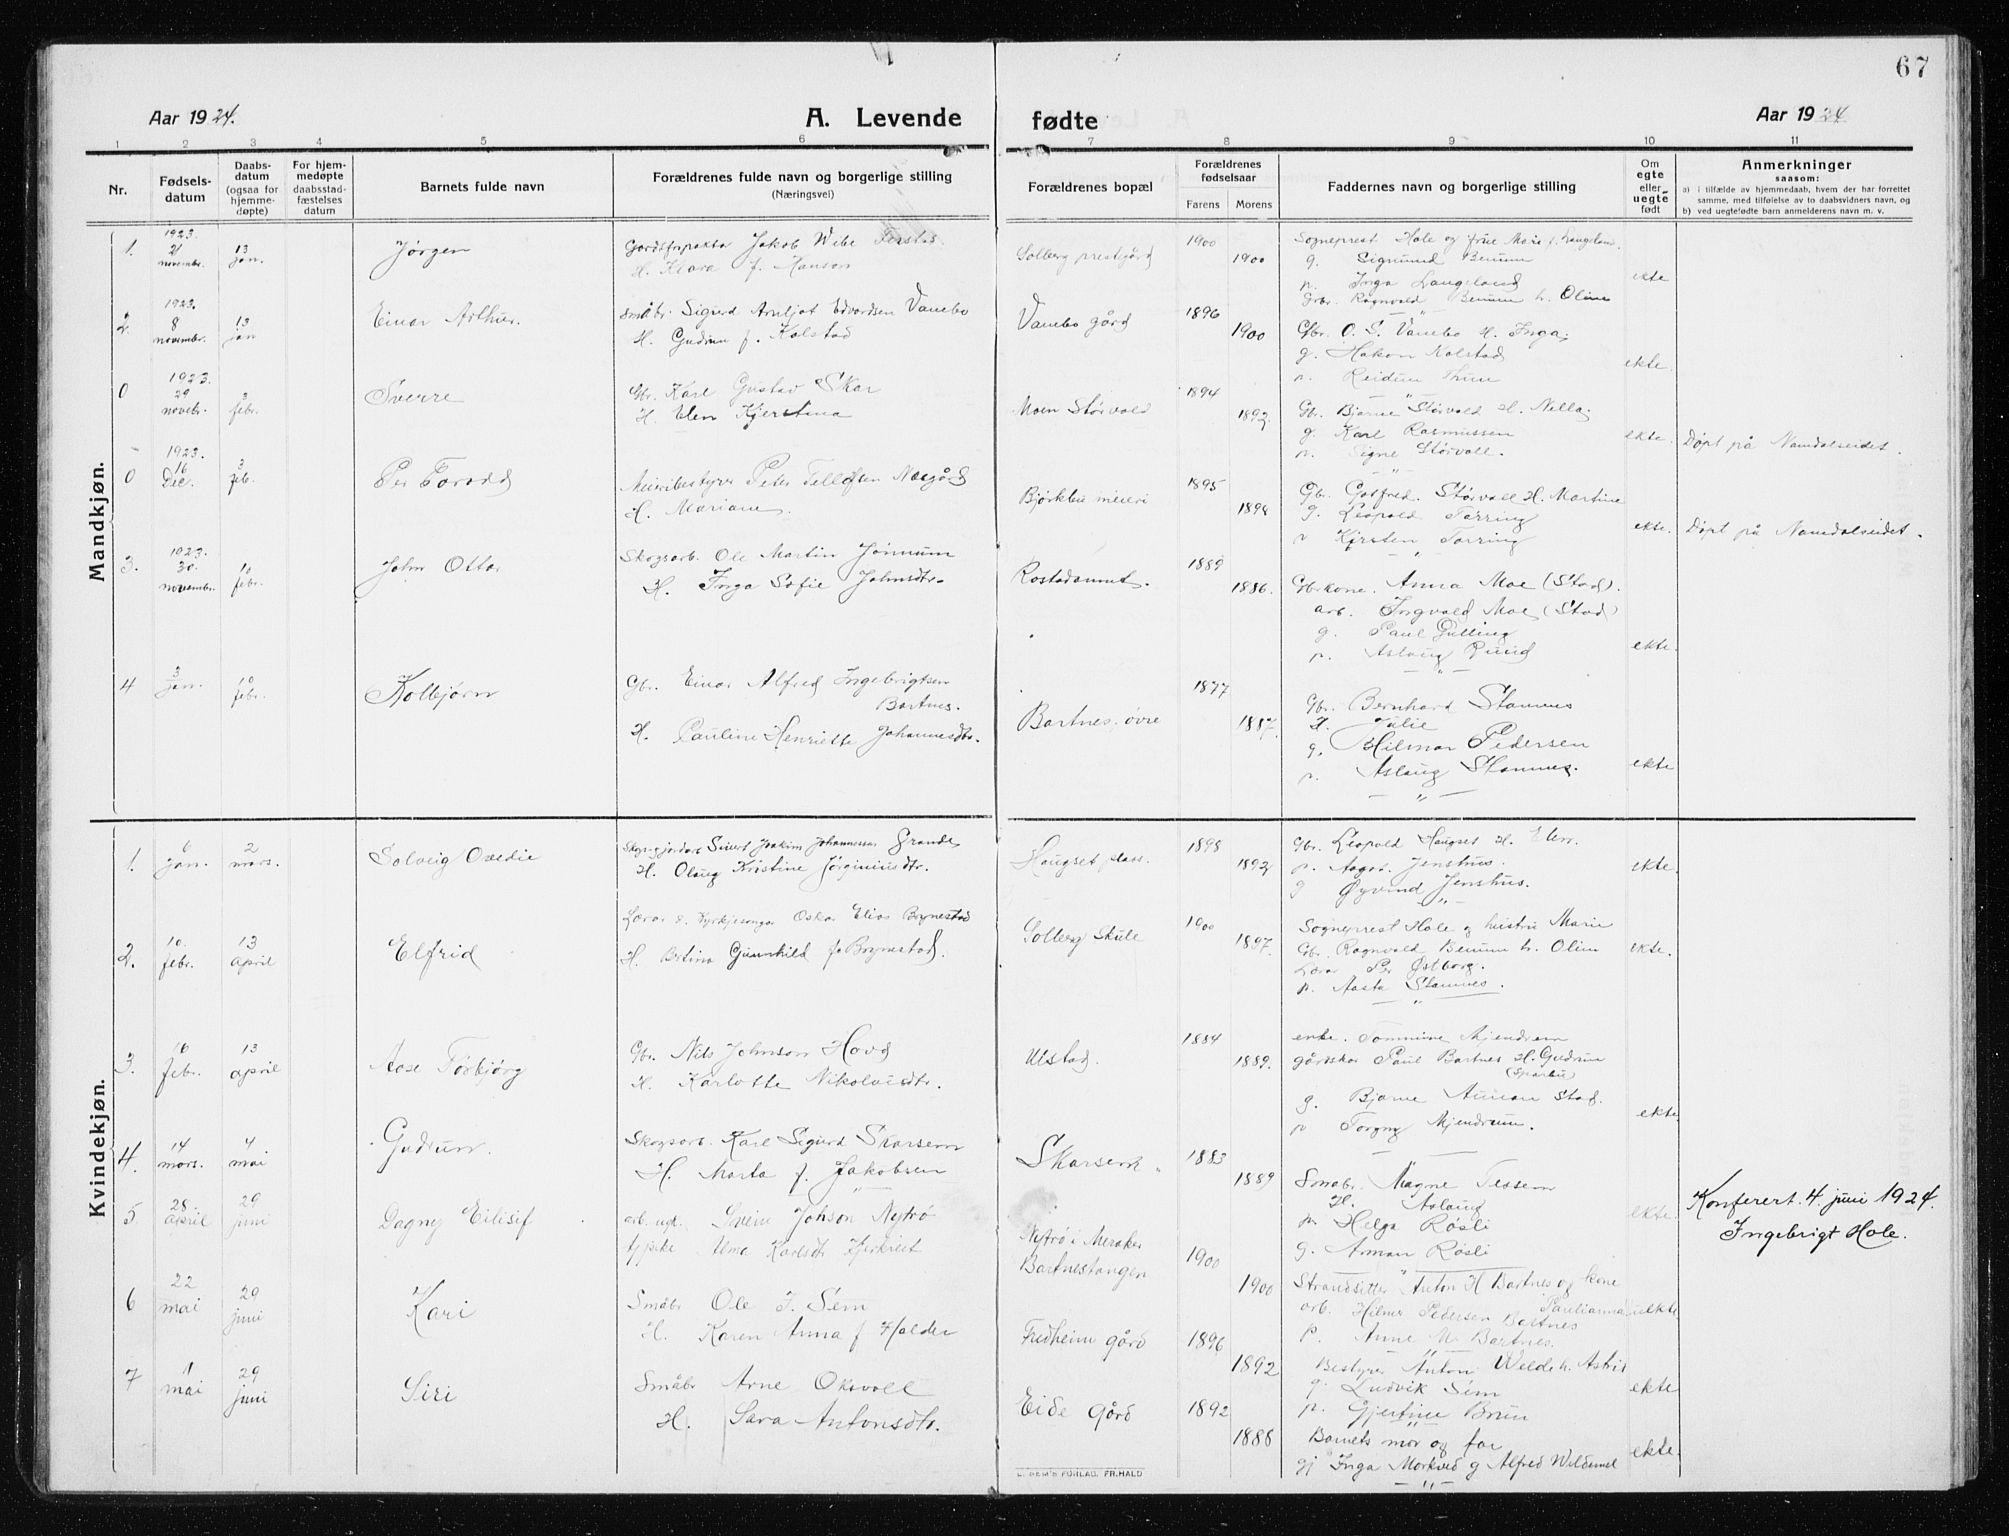 SAT, Ministerialprotokoller, klokkerbøker og fødselsregistre - Nord-Trøndelag, 741/L0402: Klokkerbok nr. 741C03, 1911-1926, s. 67